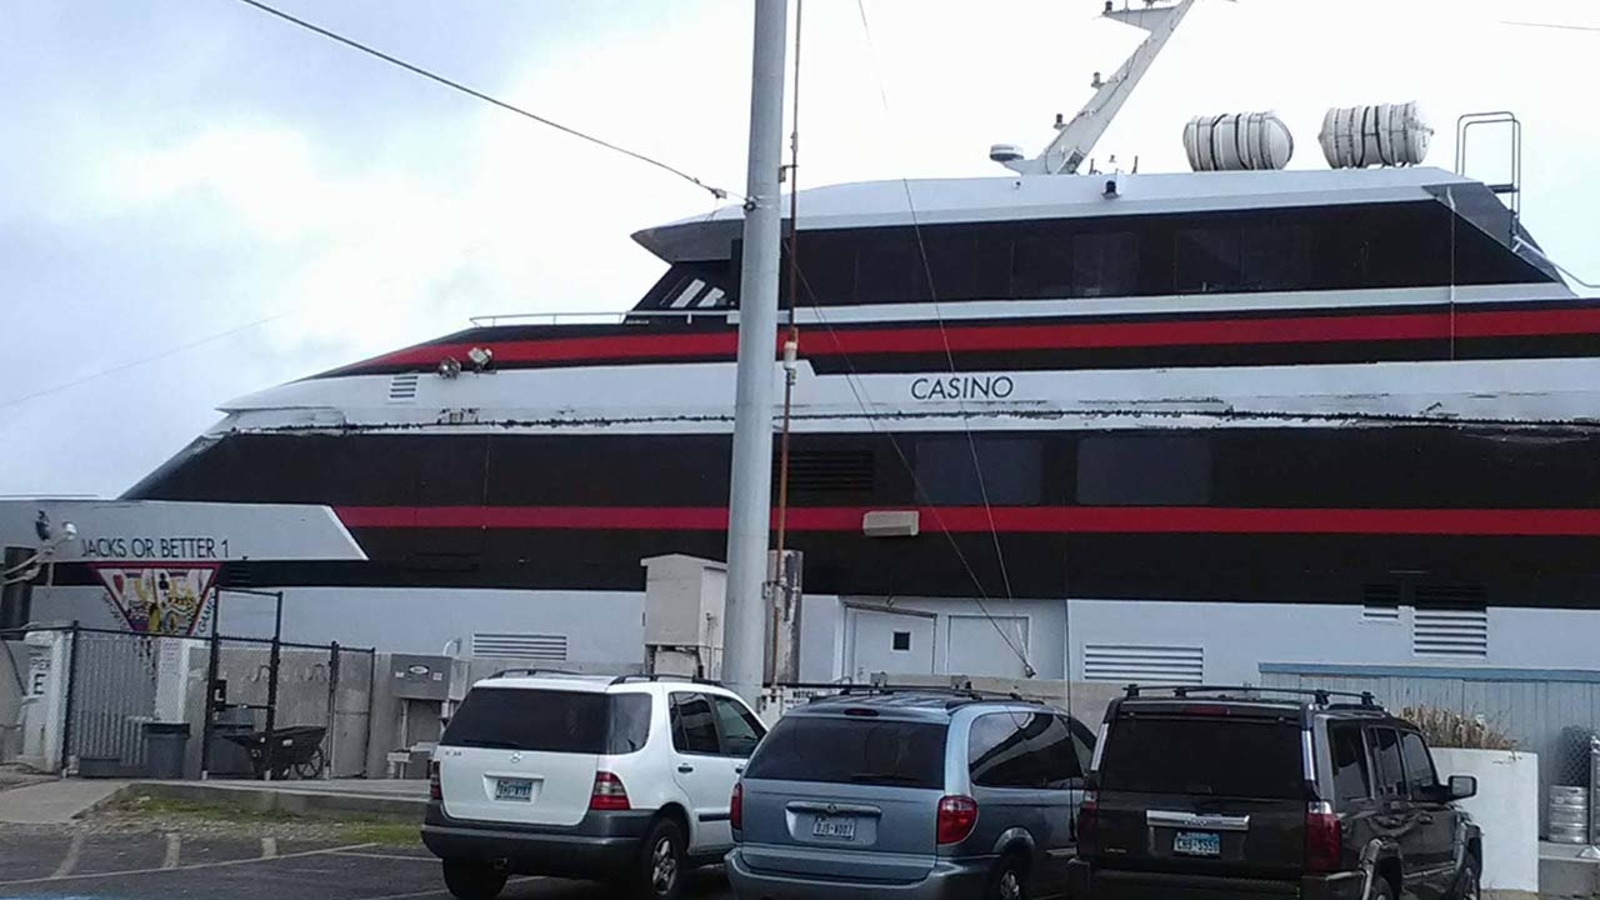 Casino Cruise Houston